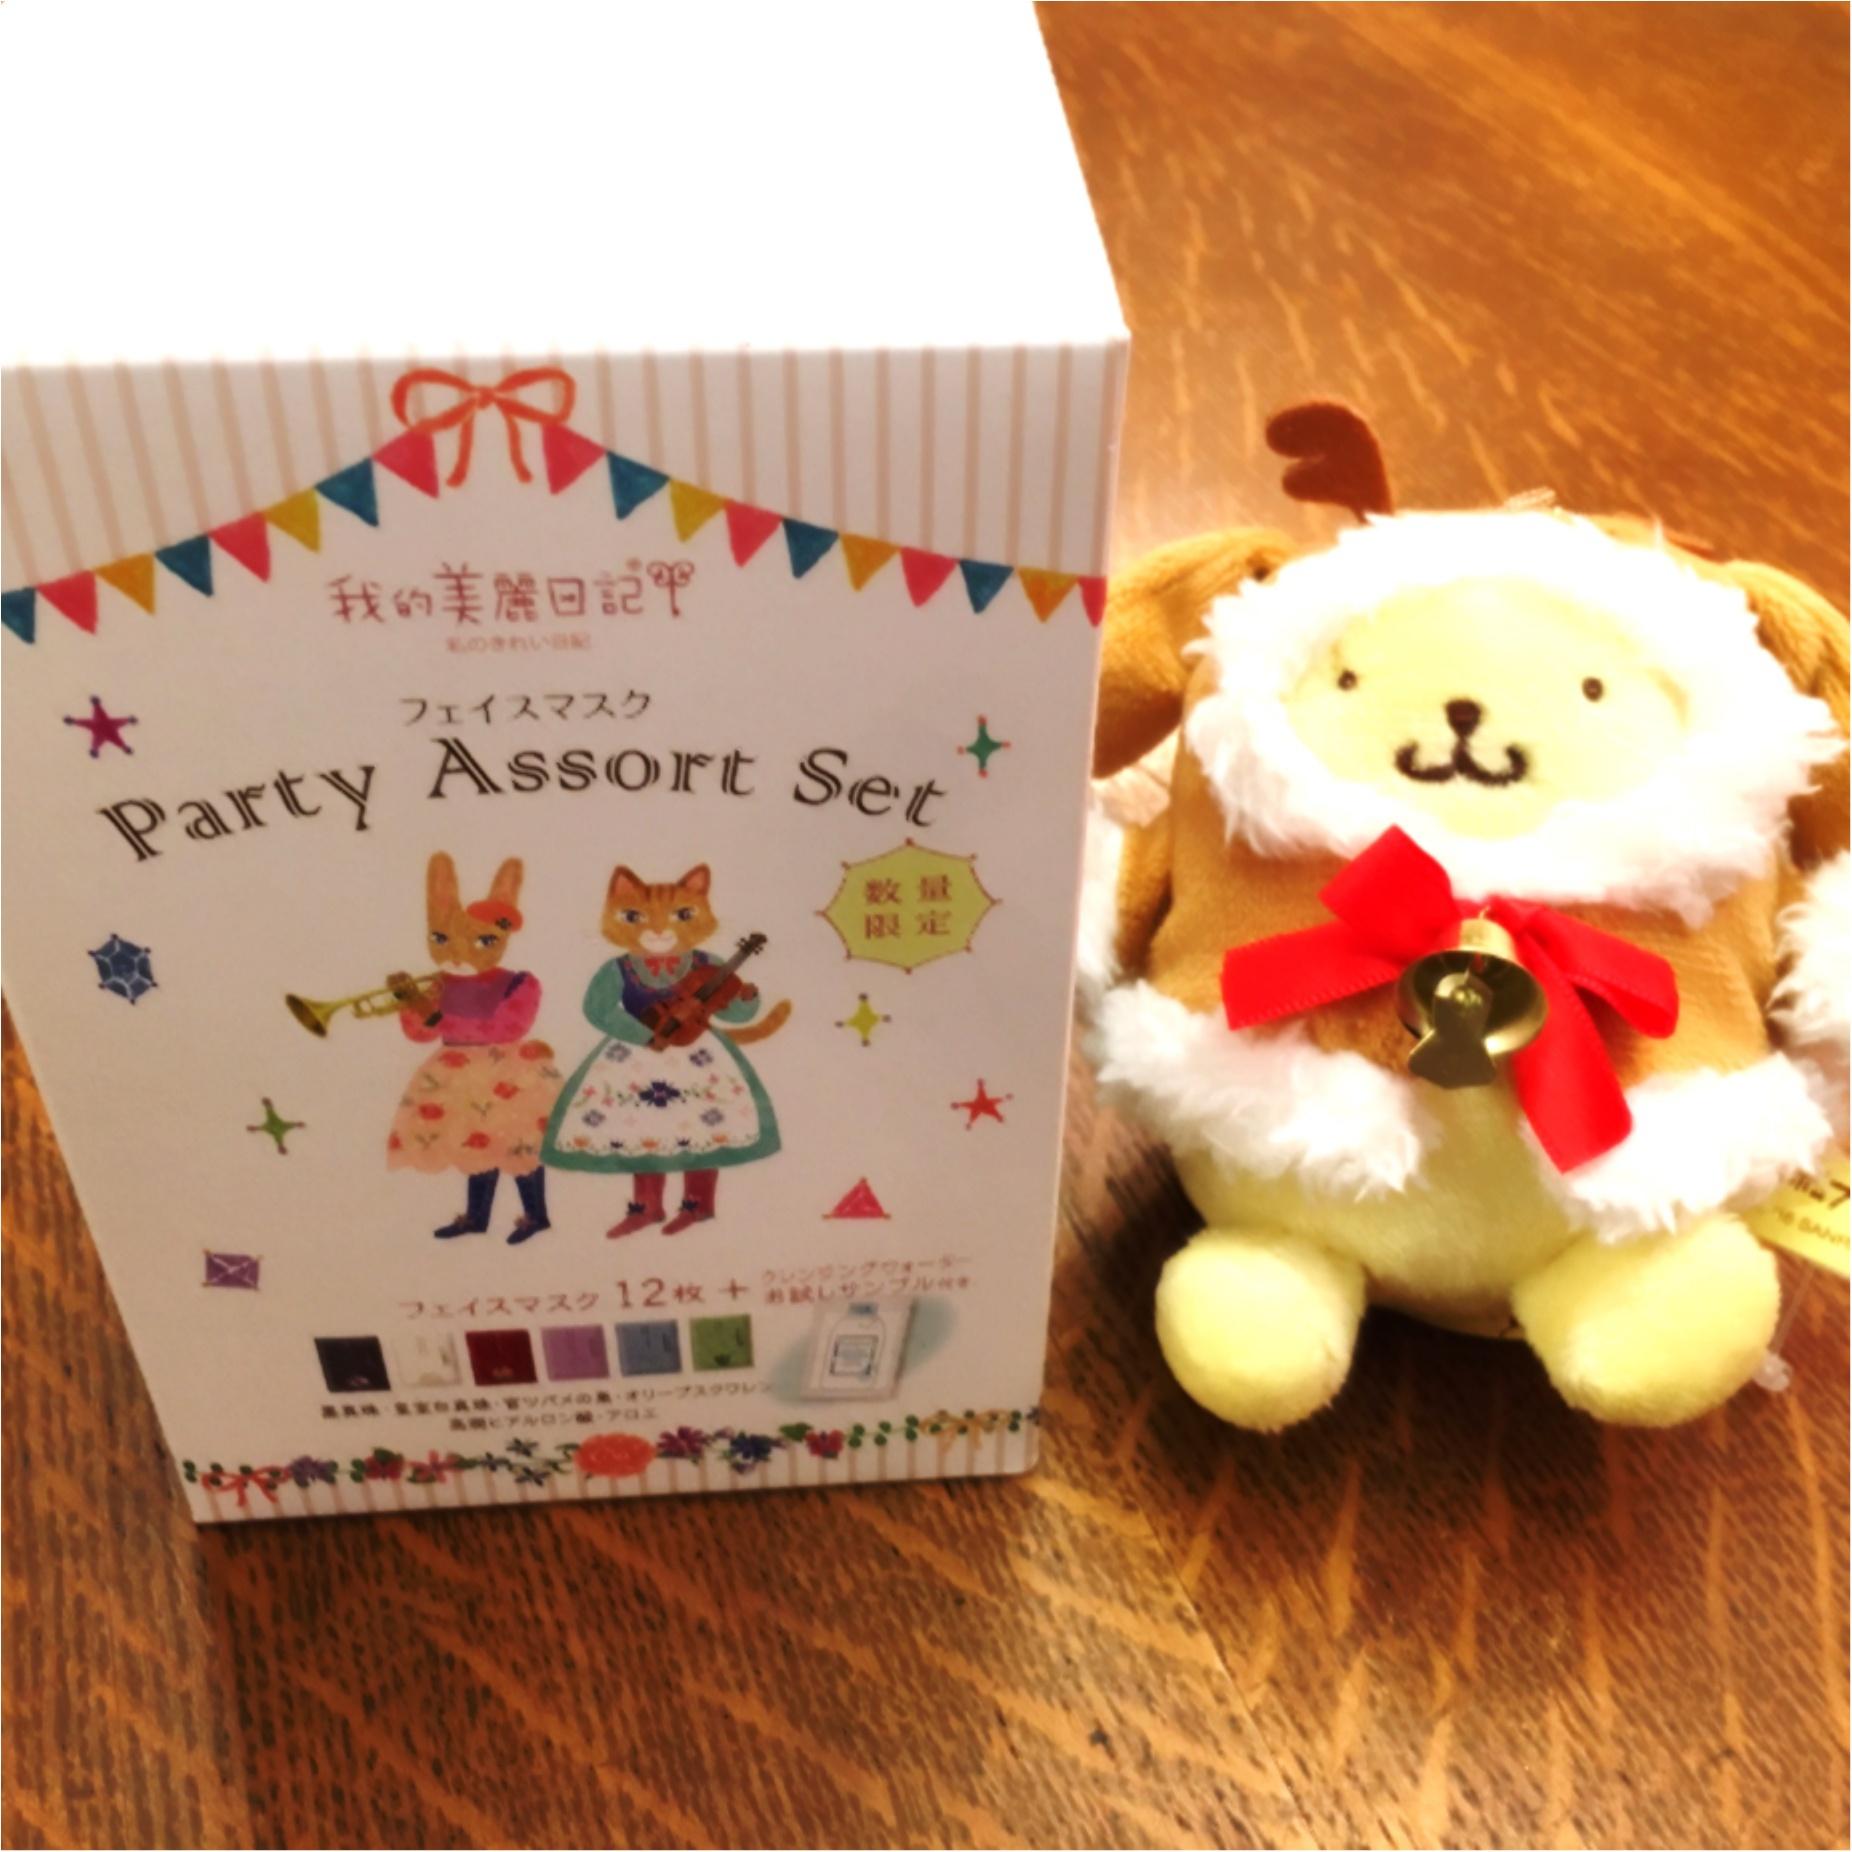 まだ間に合う!女友達向けクリスマスプレゼント♡【予算2,000円程度】_3